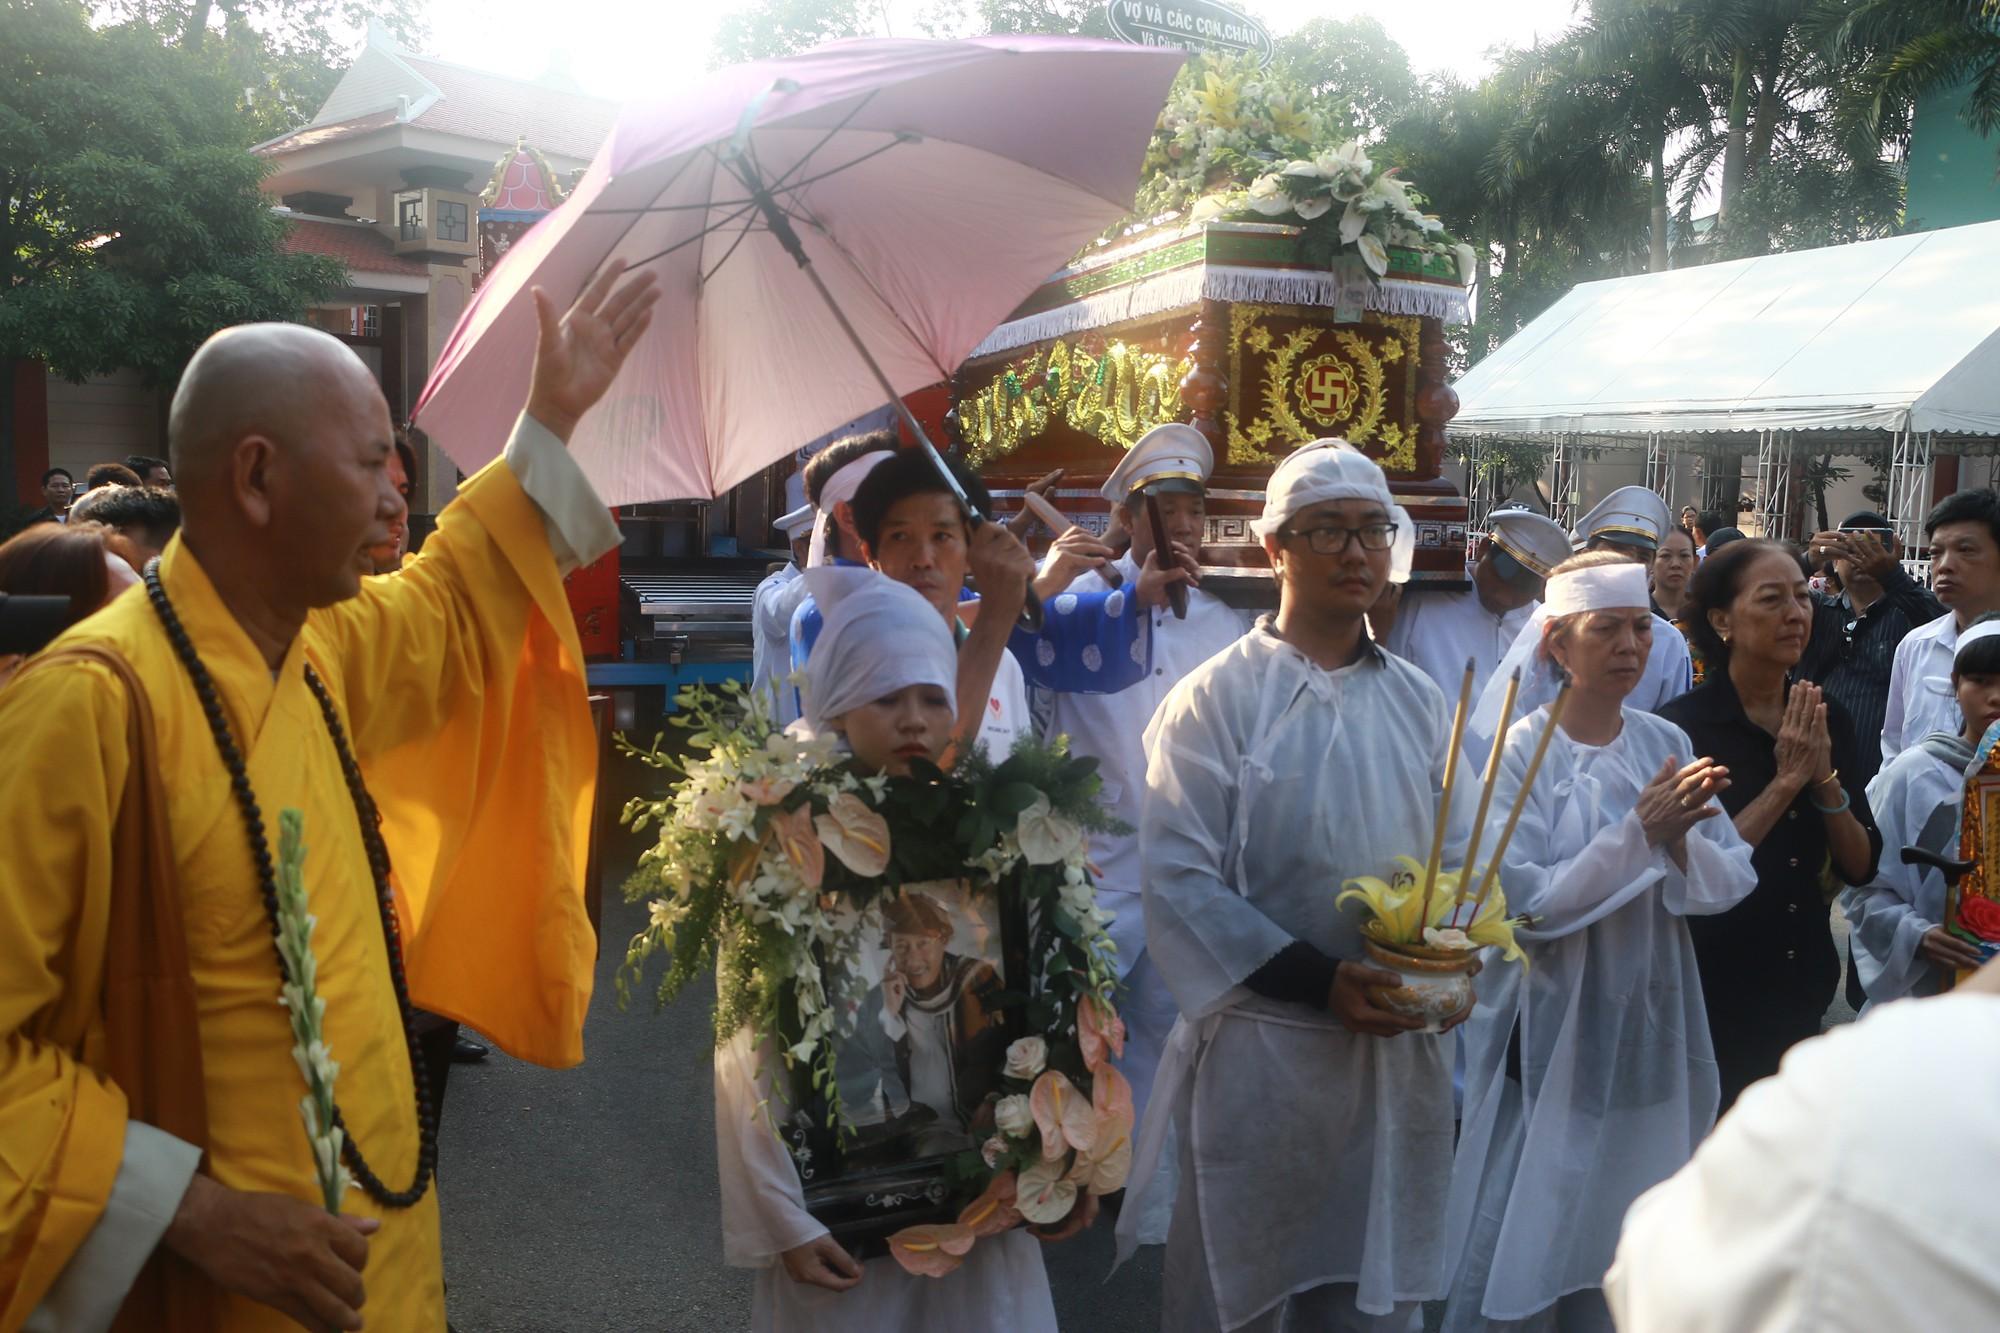 Con gái Lê Bình suy sụp, thất thần trong lễ động quan đưa thi hài cha về nơi an nghỉ - Ảnh 22.